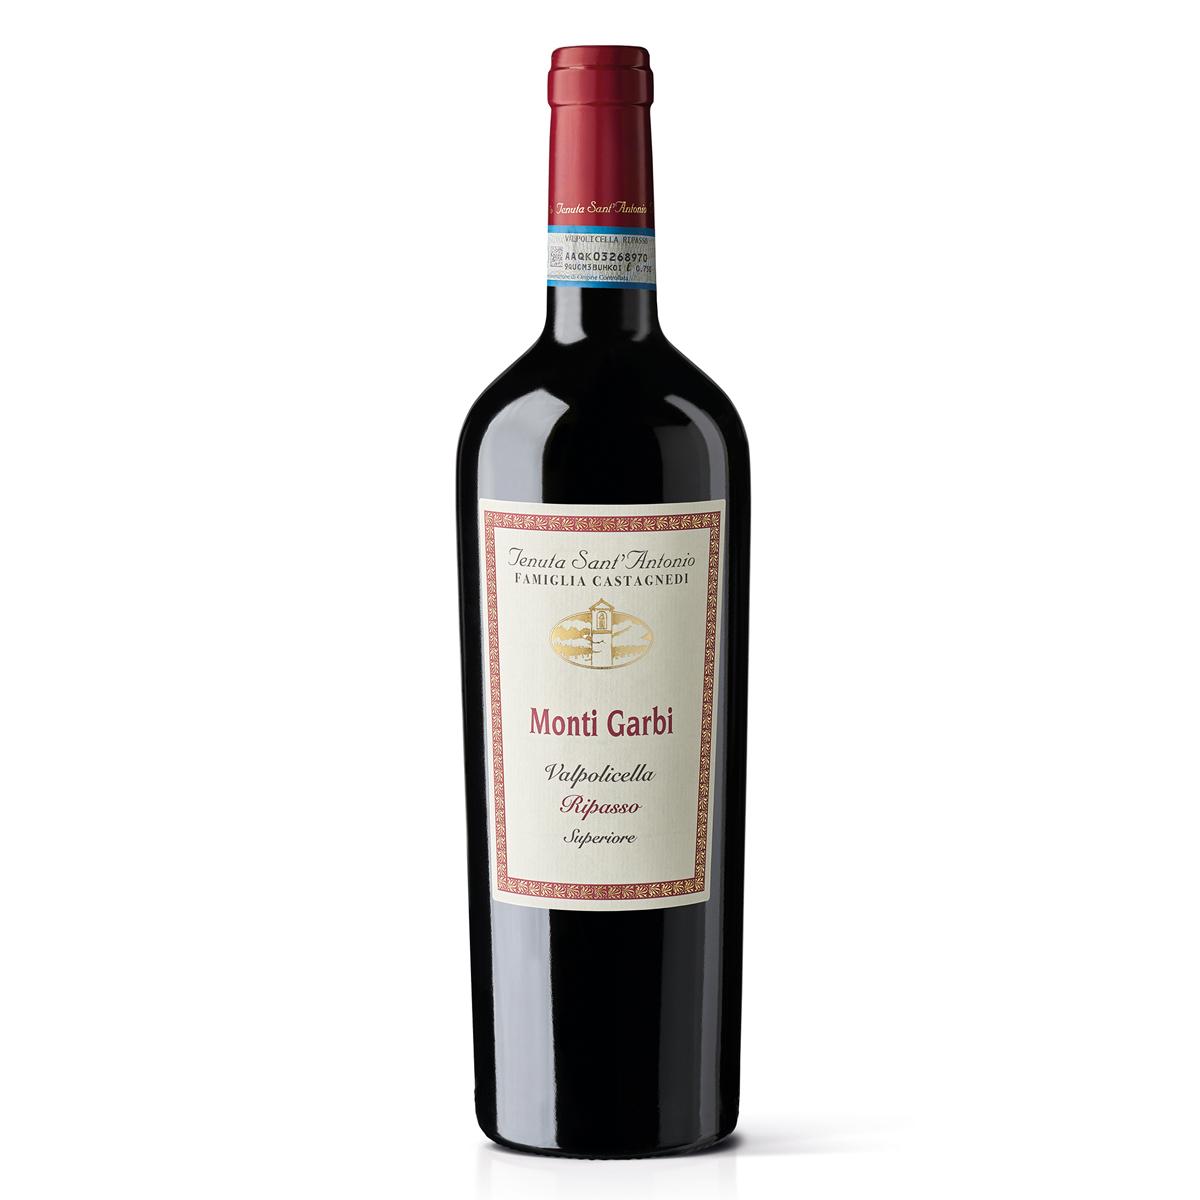 意大利瓦波利塞拉蒙蒂·加尔比红葡萄酒红酒